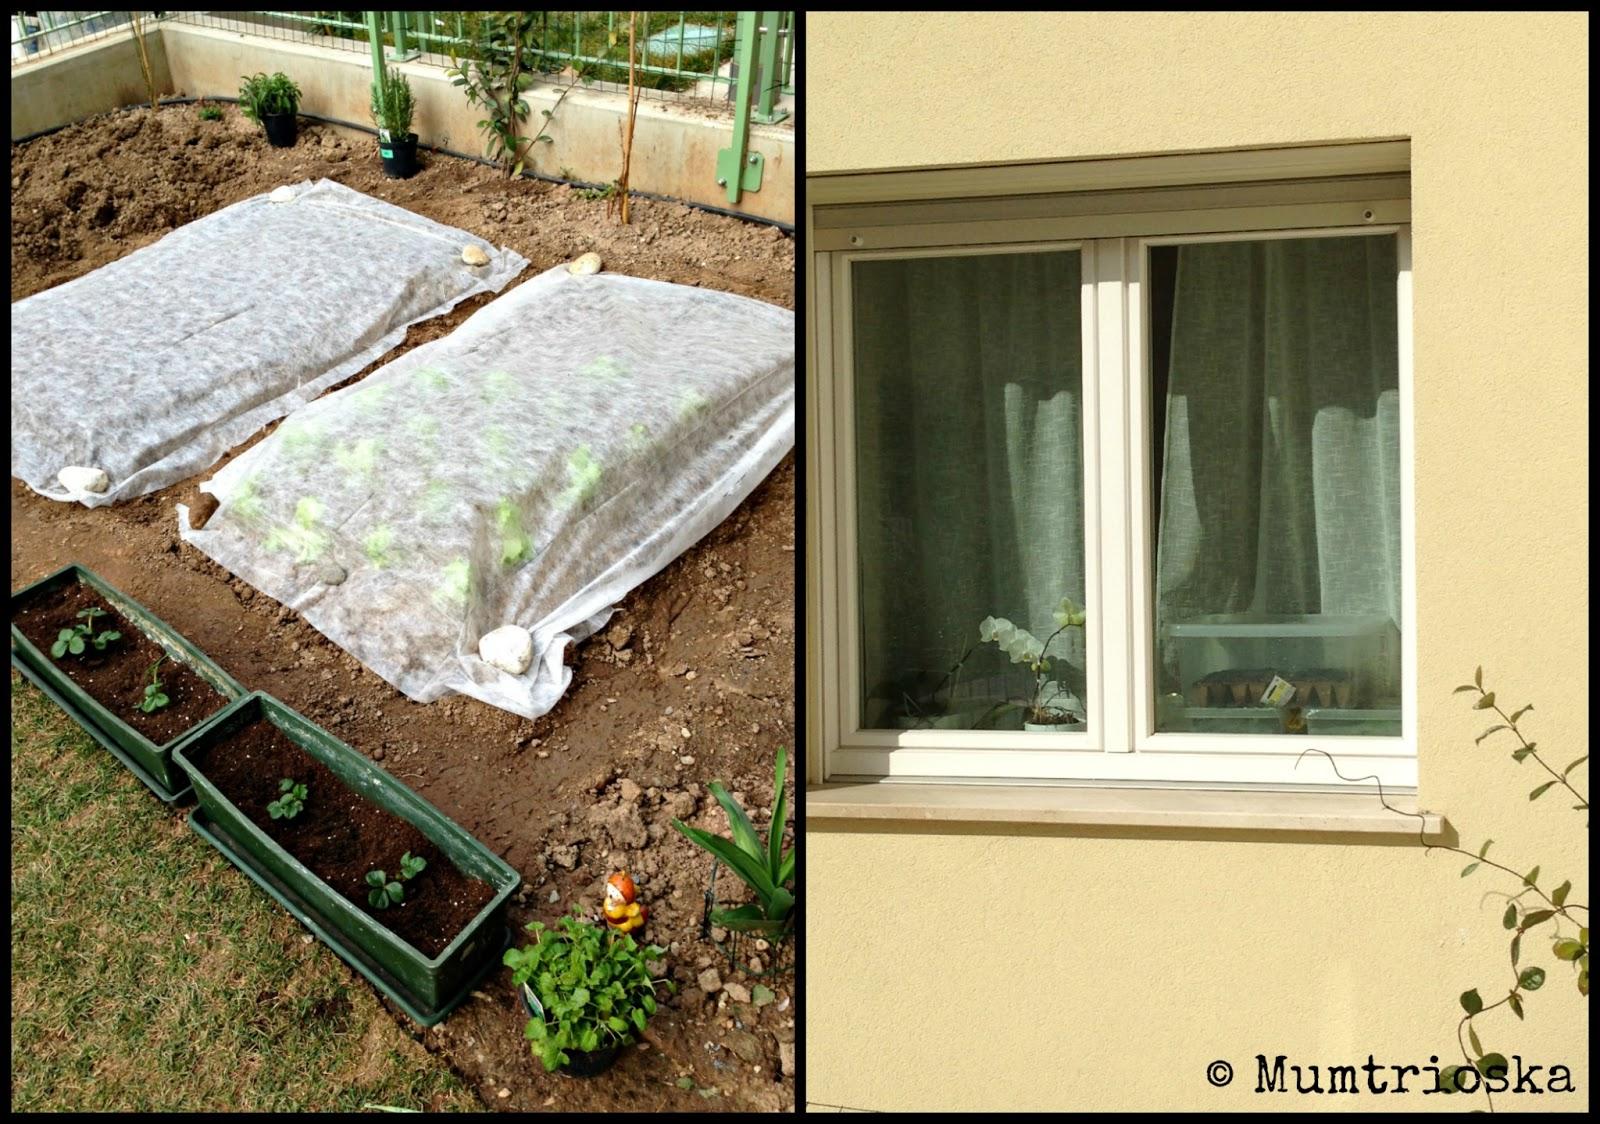 Mumtrioska Orto In Giardino Semine E Trapianti Orto